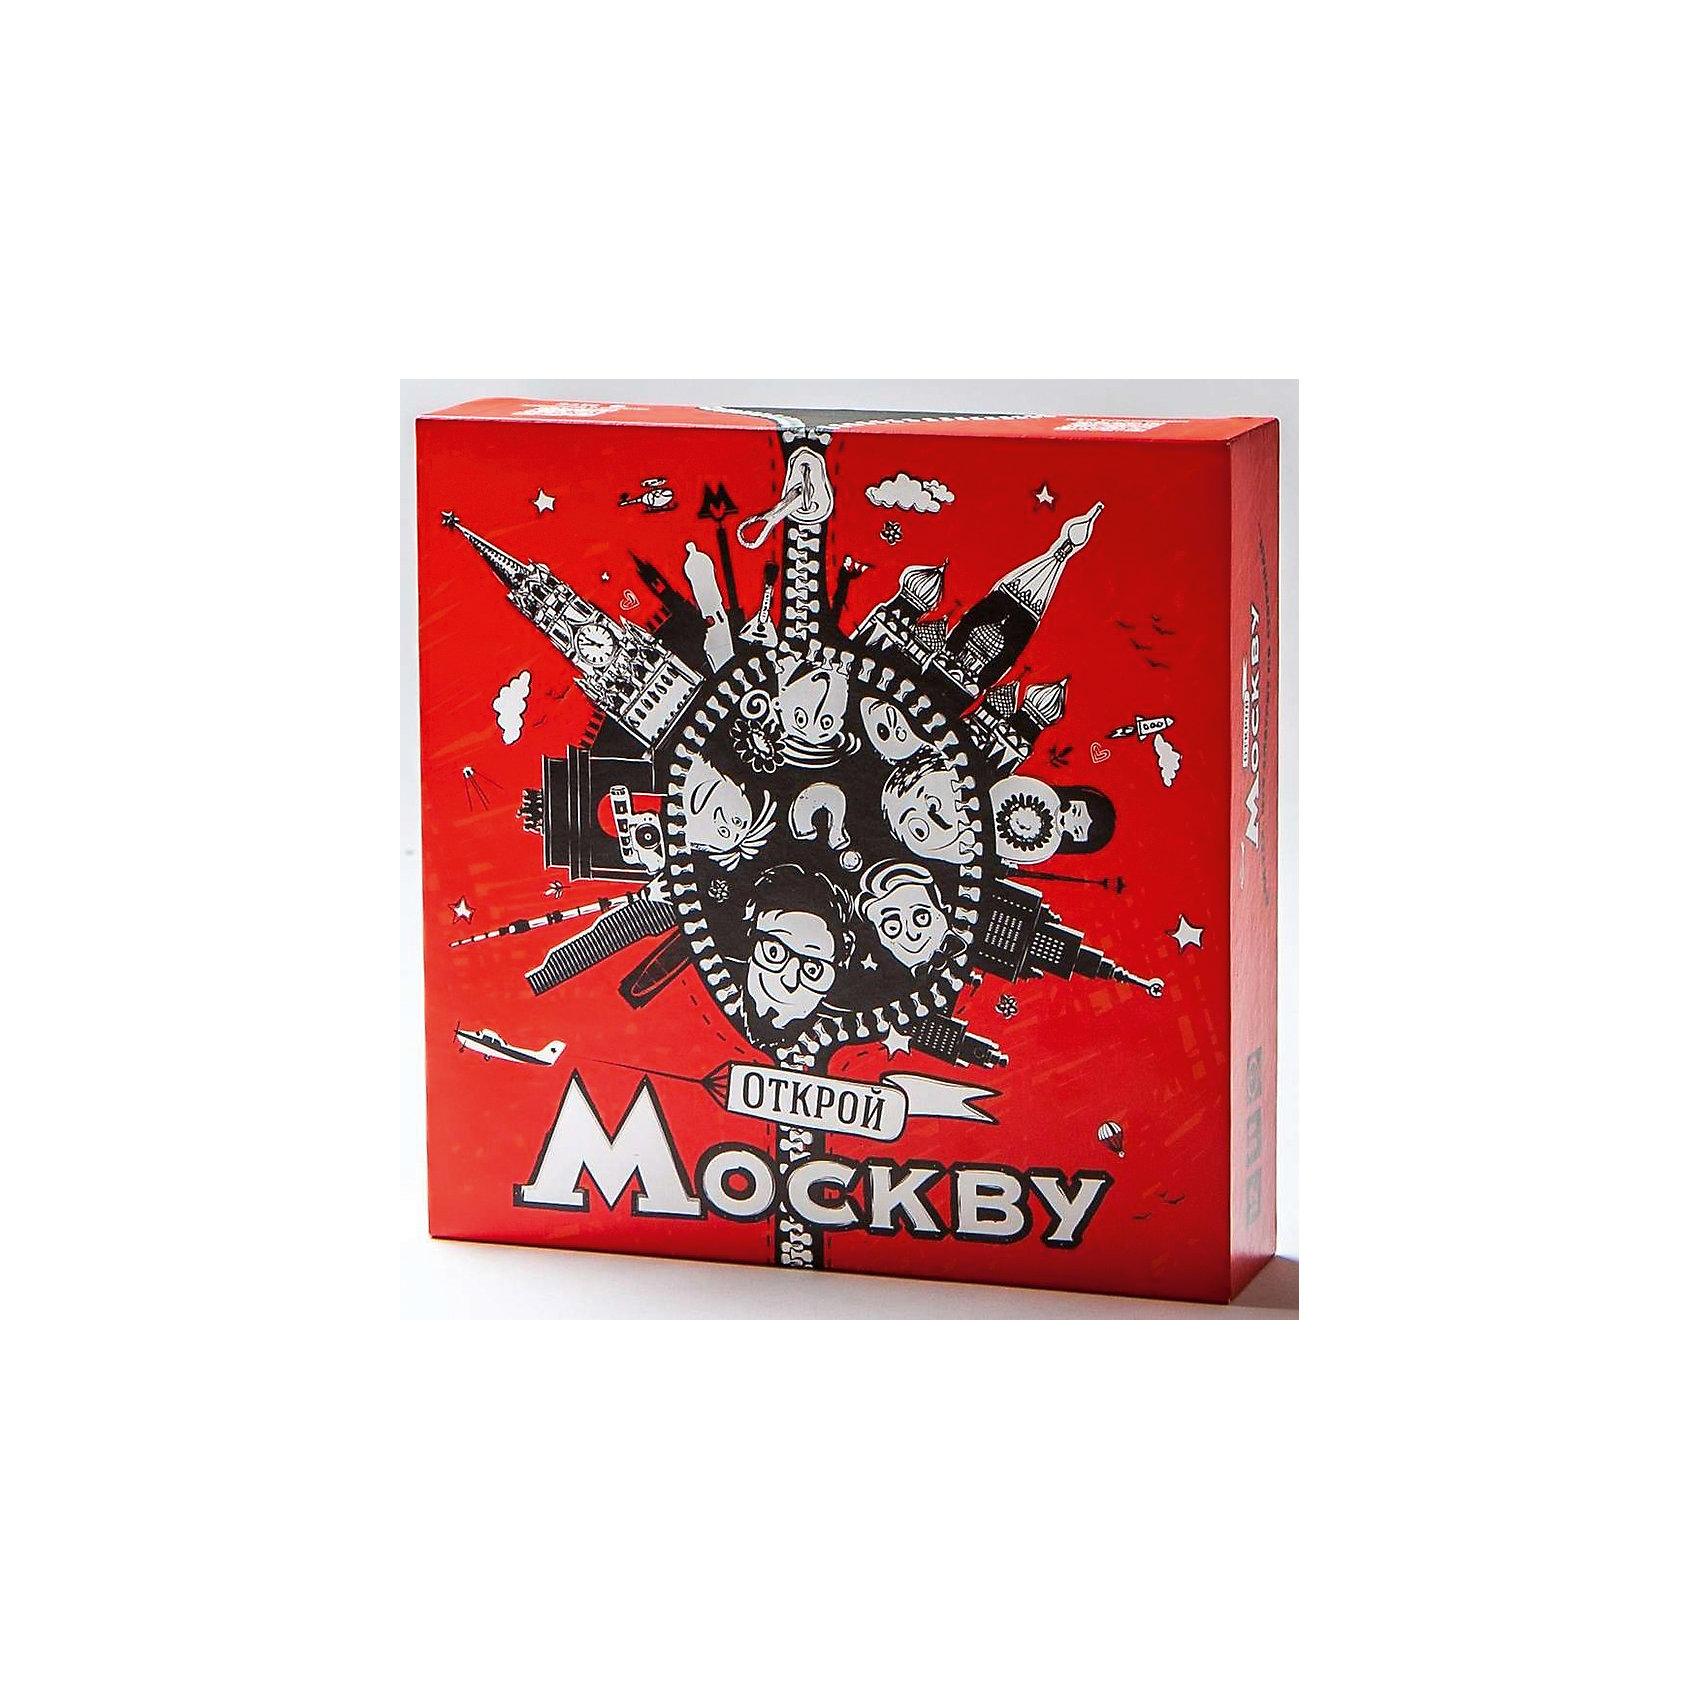 Настольная игра Открой Москву, IPlayНастольные игры для всей семьи<br>Характеристики:<br><br>• возраст: от 12 лет<br>• комплектация: 110 карточек с достопримечательностями; 100 карточек с вопросами; игровое поле; 16 карт сюрпризов; 15 жетонов ставок; 20 жетонов вариантов ответов; 5 фишек-матрешек для игроков; правила игры<br>• материал: картон, пластик<br>• количество игроков: от 2 до 5 человек<br>• время игры: 30 минут<br>• упаковка: картонная коробка<br>• размер упаковки: 25х25х6 см.<br>• вес: 500 гр.<br><br>Игра «Открой Москву» полностью оправдывает свое название, поскольку при всей простоте процесса, в ней много информации о Москве. Игровое поле представляет собой довольно минималистичную карту Москвы, на которую также нанесены линии и станции метро.<br><br>Каждый игрок выбирает себе фишку-матрешку, ставит ее на конечную станцию линии метро соответствующего цвета. Всем раздается по 3 карточки с фотографиями и названиями достопримечательностей, которые предстоит найти. Главная сложность – вспомнить, где же они расположены. На обратной стороне карточки, есть подсказки, которые можно будет заслужить в ходе игры.<br><br>Чтобы передвигать свои фишки, игрокам предстоит отвечать на вопросы о Москве и делать ставки на правильность ответа. Ведущий зачитывает с карточки вопрос, игроки либо отказываются от ставок, либо кладут жетон со значением ставки лицевой стороной вниз перед собой. <br><br>Затем ведущий зачитывает варианты ответов. Теперь каждый выкладывает перед собой жетон с выбранным вариантом ответа. После этого ведущий зачитывает правильный ответ, а игроки вскрывают все выложенные ими жетоны.<br><br><br>Игроки, которые ответили правильно, получают возможность передвинуть свою фишку. Если ставок не было сделано – на одну станцию, если ставка была – то на ее значение, указанное на жетоне. Игроки, которые ответили неправильно, никуда свои фишки не двигают. За два очка ставки игрок получает право на одну из двух подсказок об одном из своих пунктов назначения.<br><br>Т